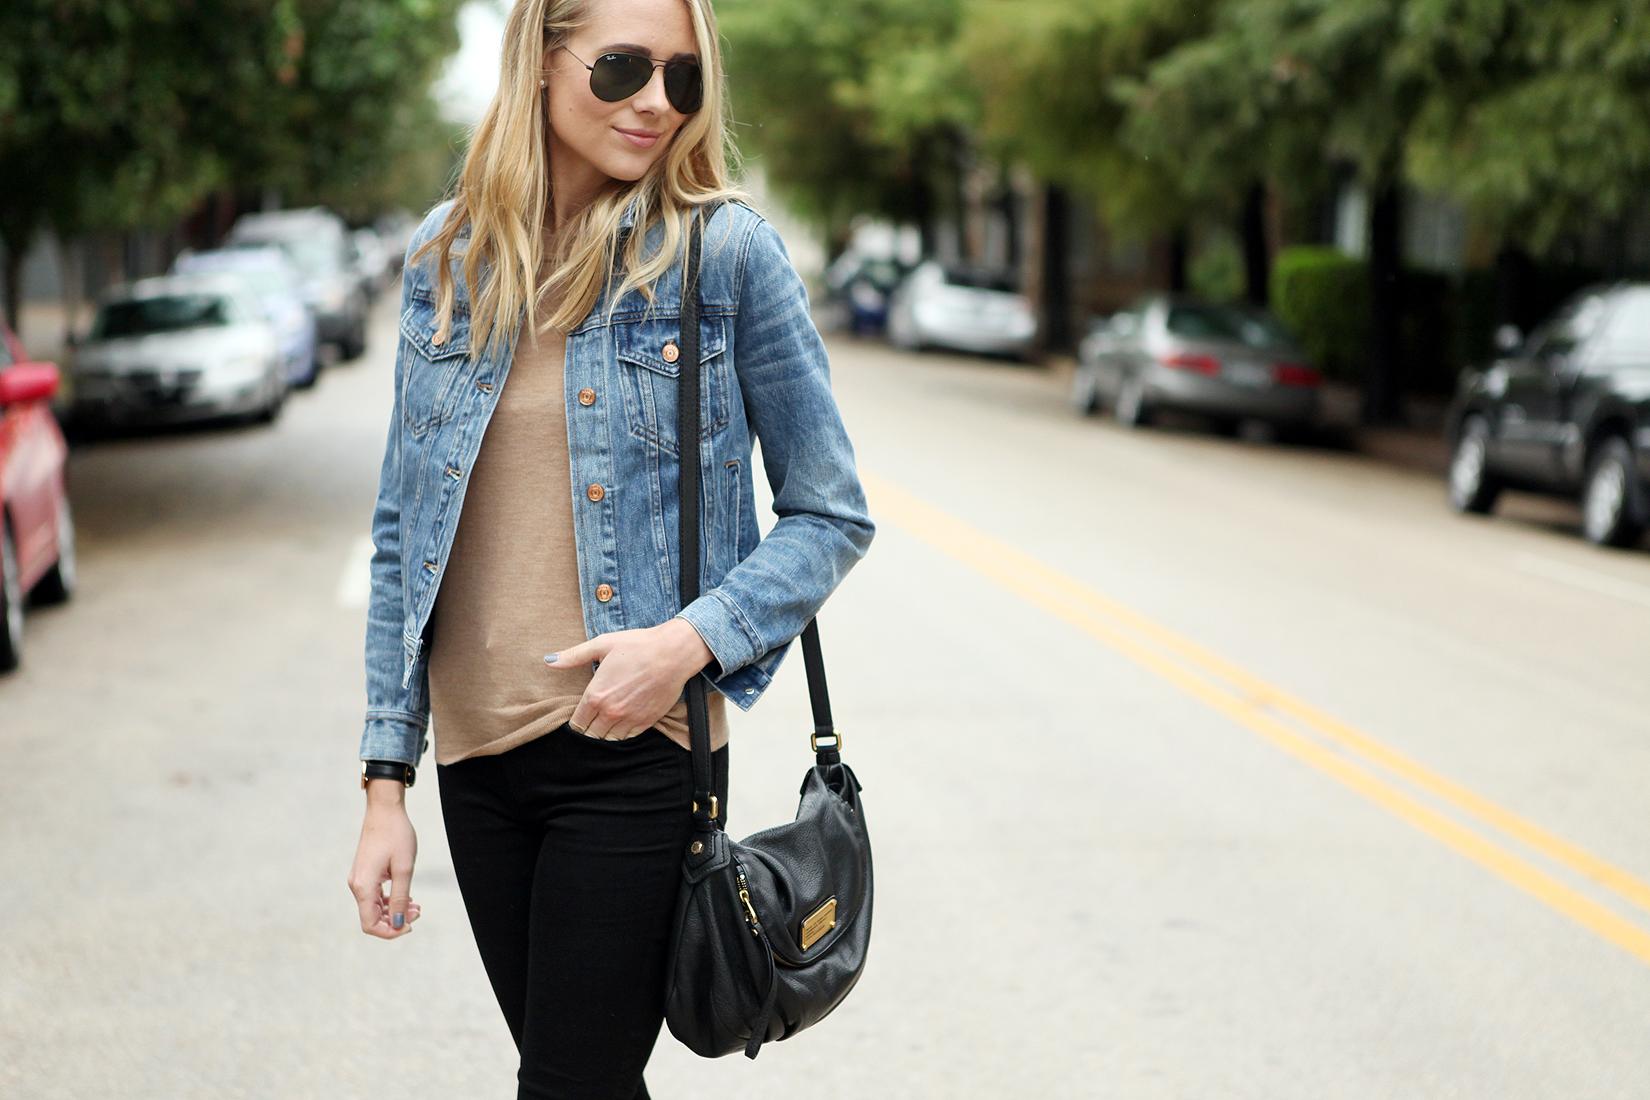 Sai abbinare la giacca di jeans ai tuoi look? [TEST]